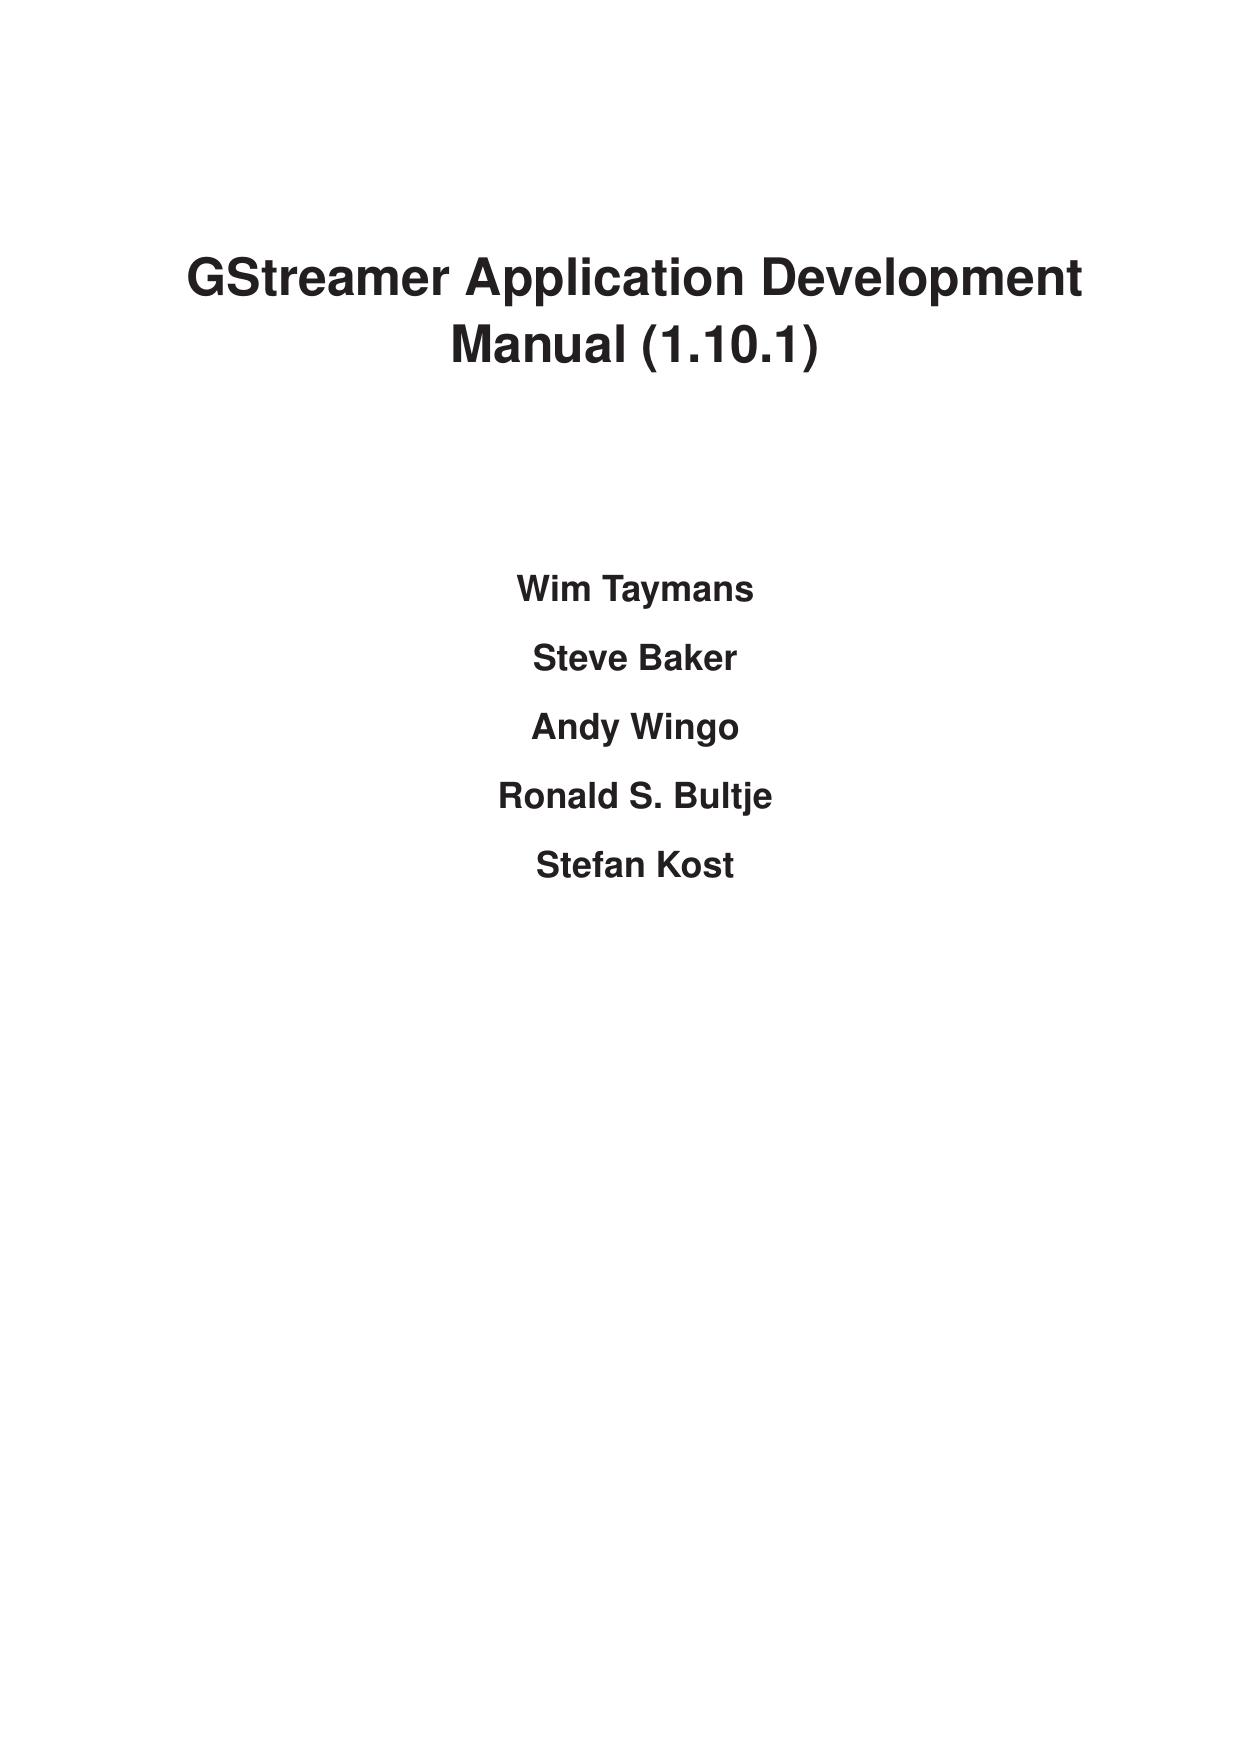 GStreamer Application Development Manual (1 10 1) | manualzz com